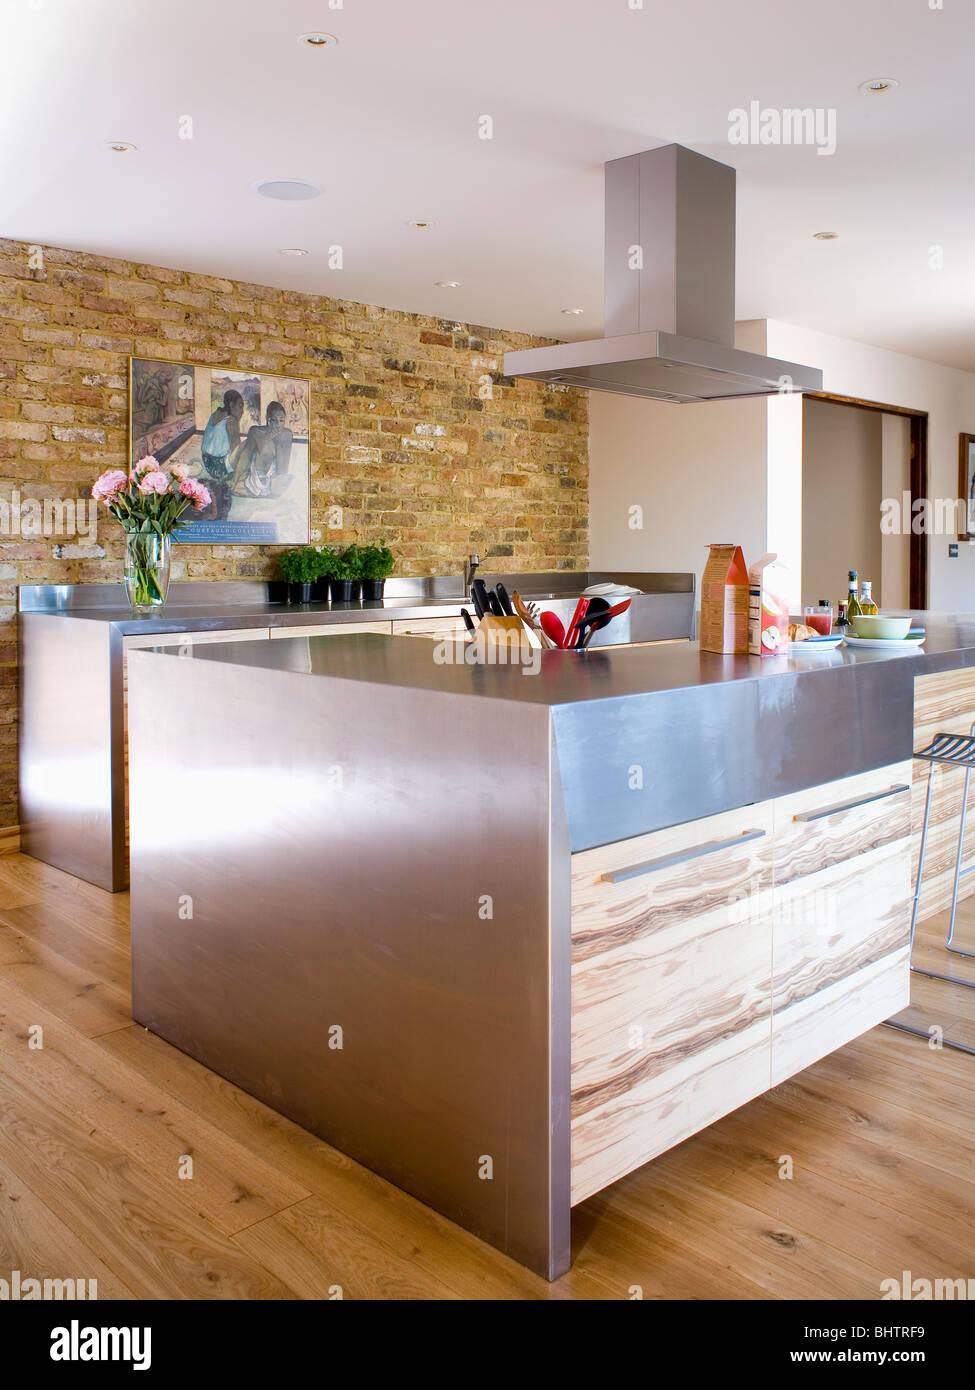 Großartig Land Küchenmöbel Uk Ideen - Ideen Für Die Küche Dekoration ...